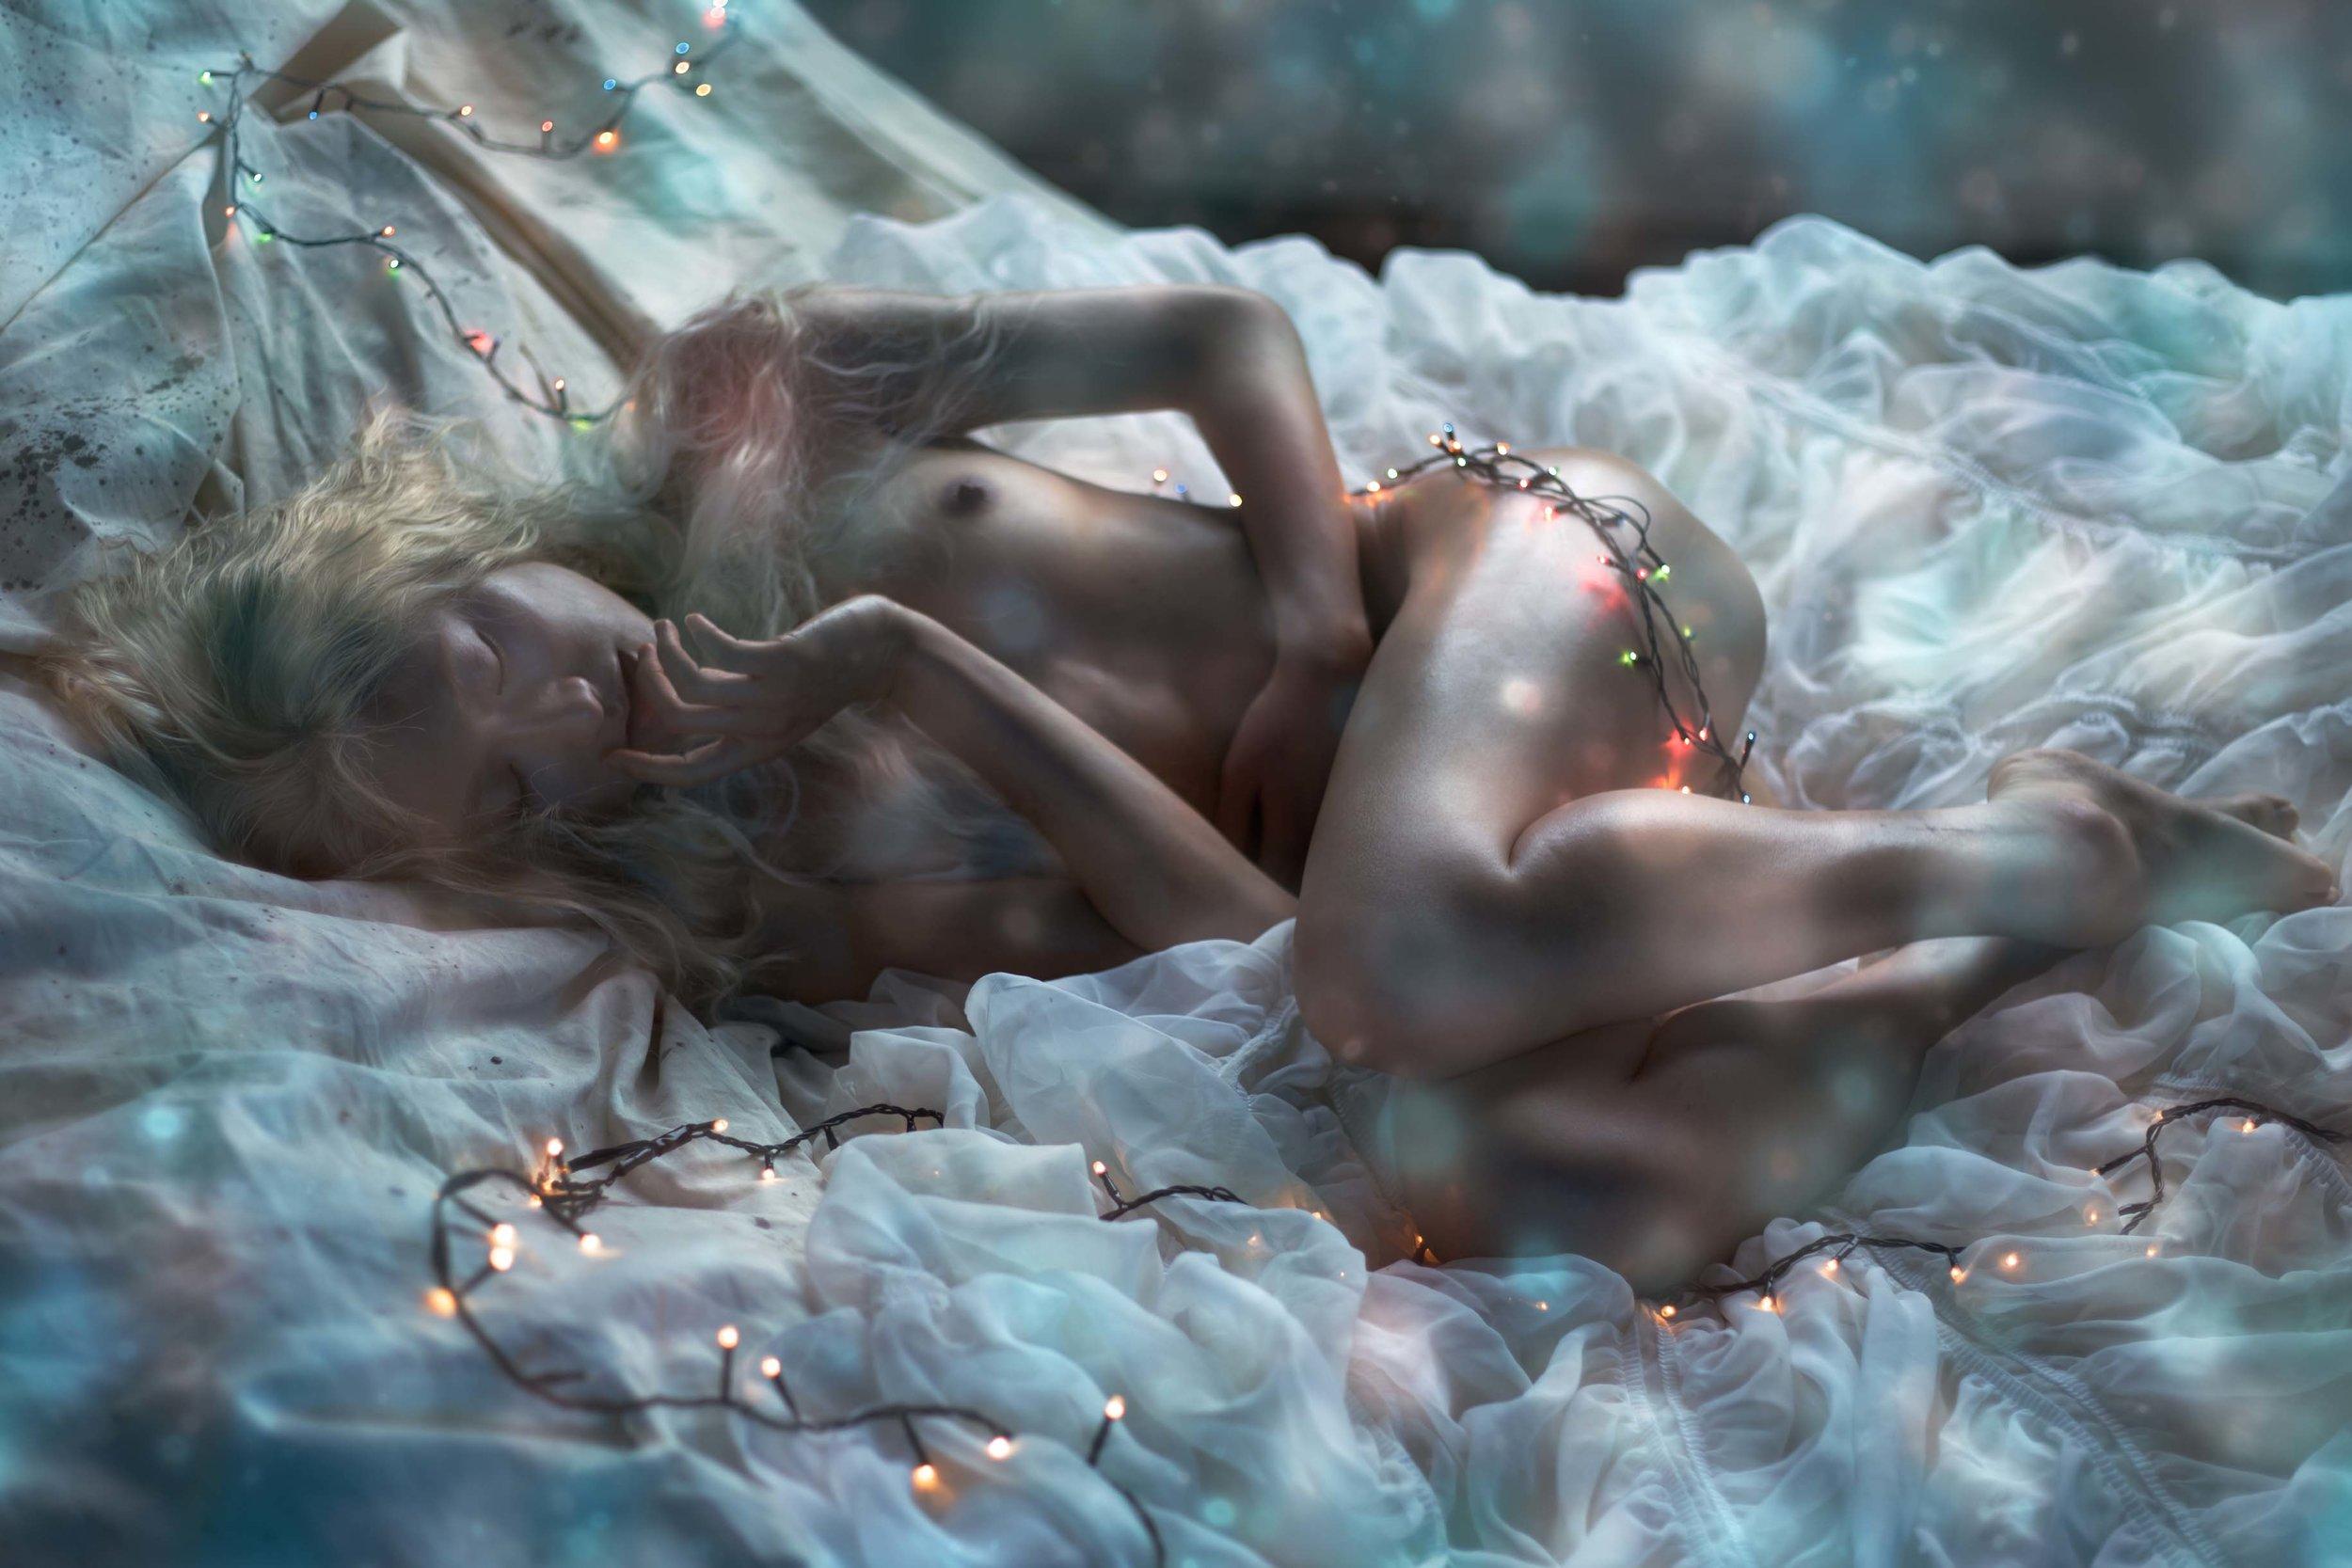 Sheri Chiu by Remi Kozdra & Kasia Baczulis